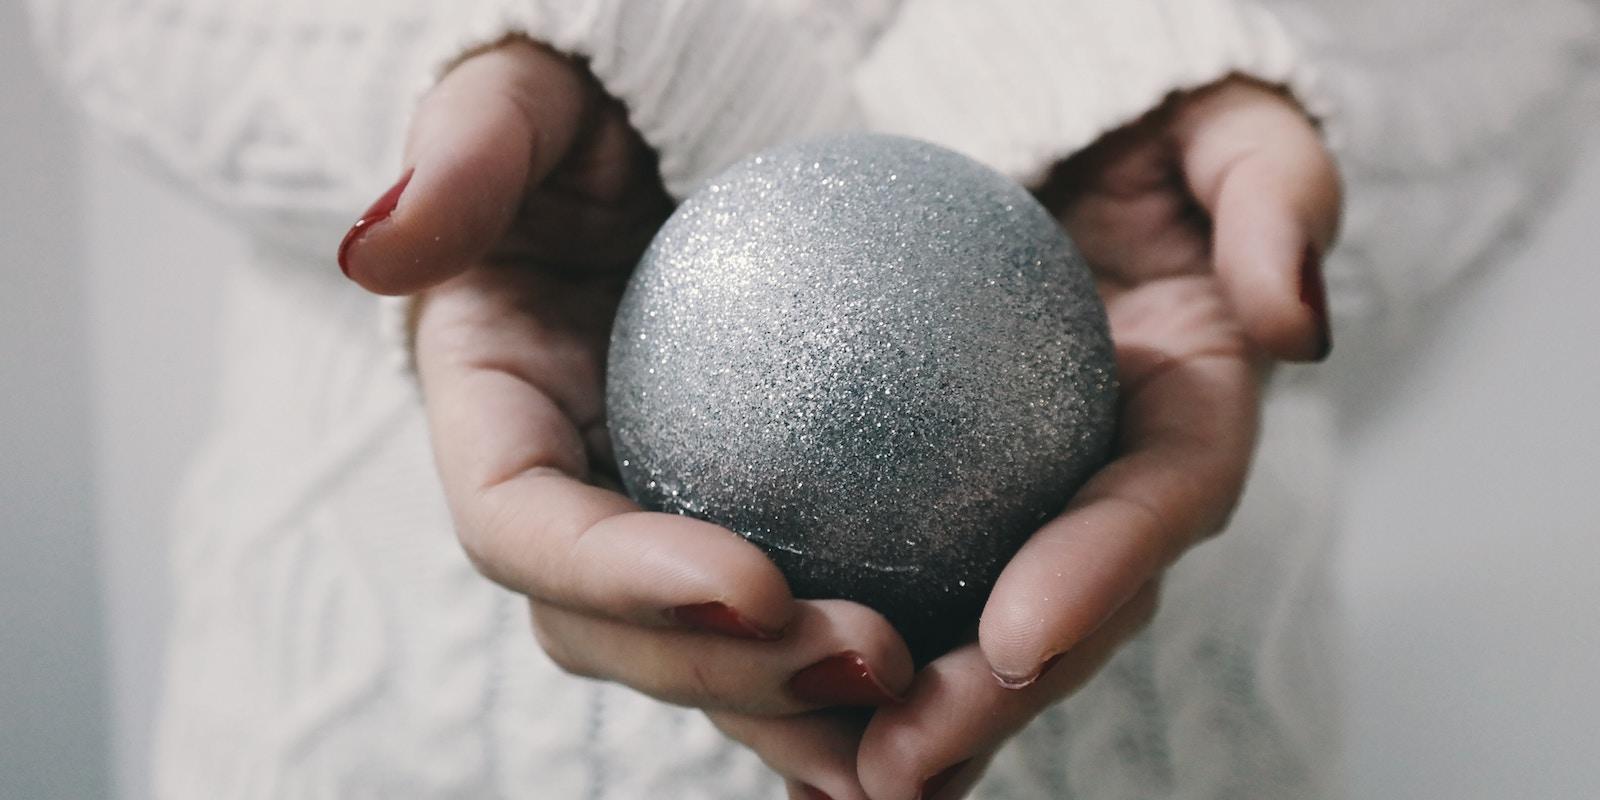 Aplikace či užívání koloidního stříbra